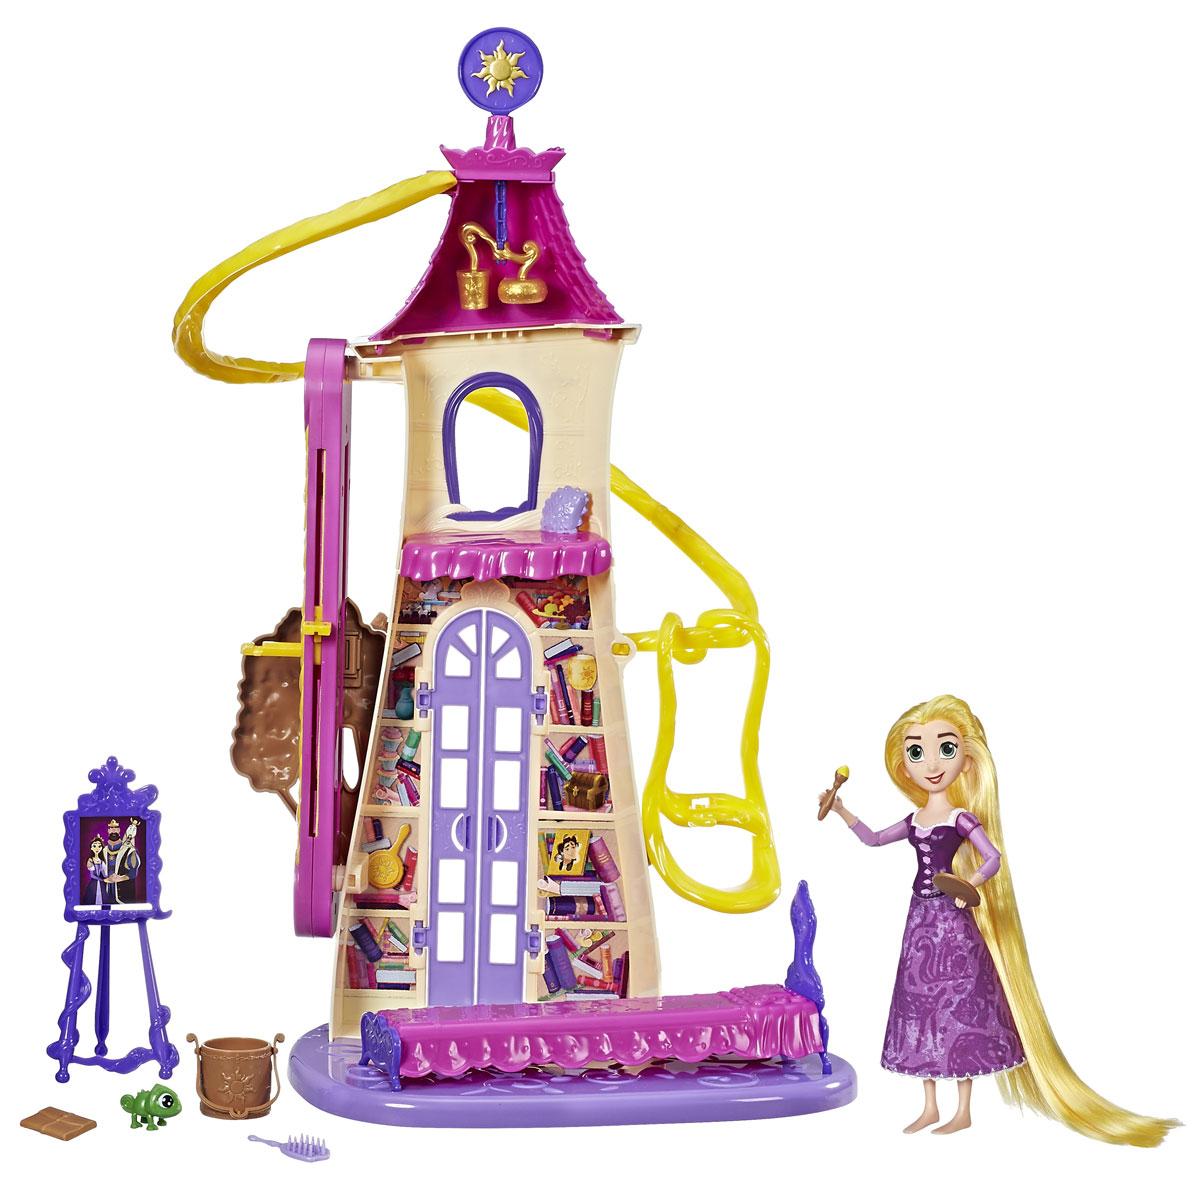 Disney Princess Игровой набор с куклой Замок Рапунцель disney princess игровой набор мерида и пони